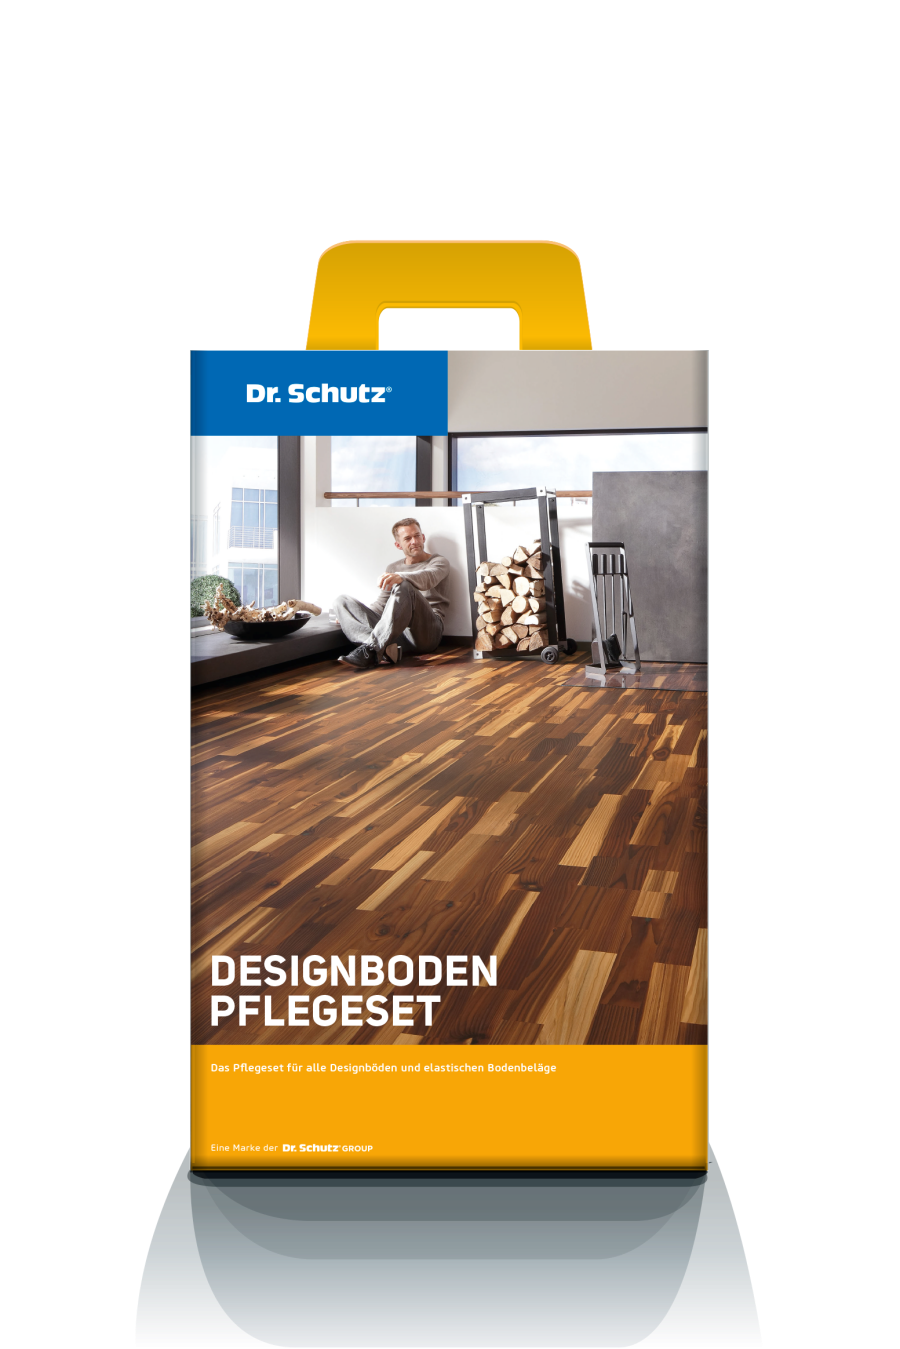 Designboden Pflegeset